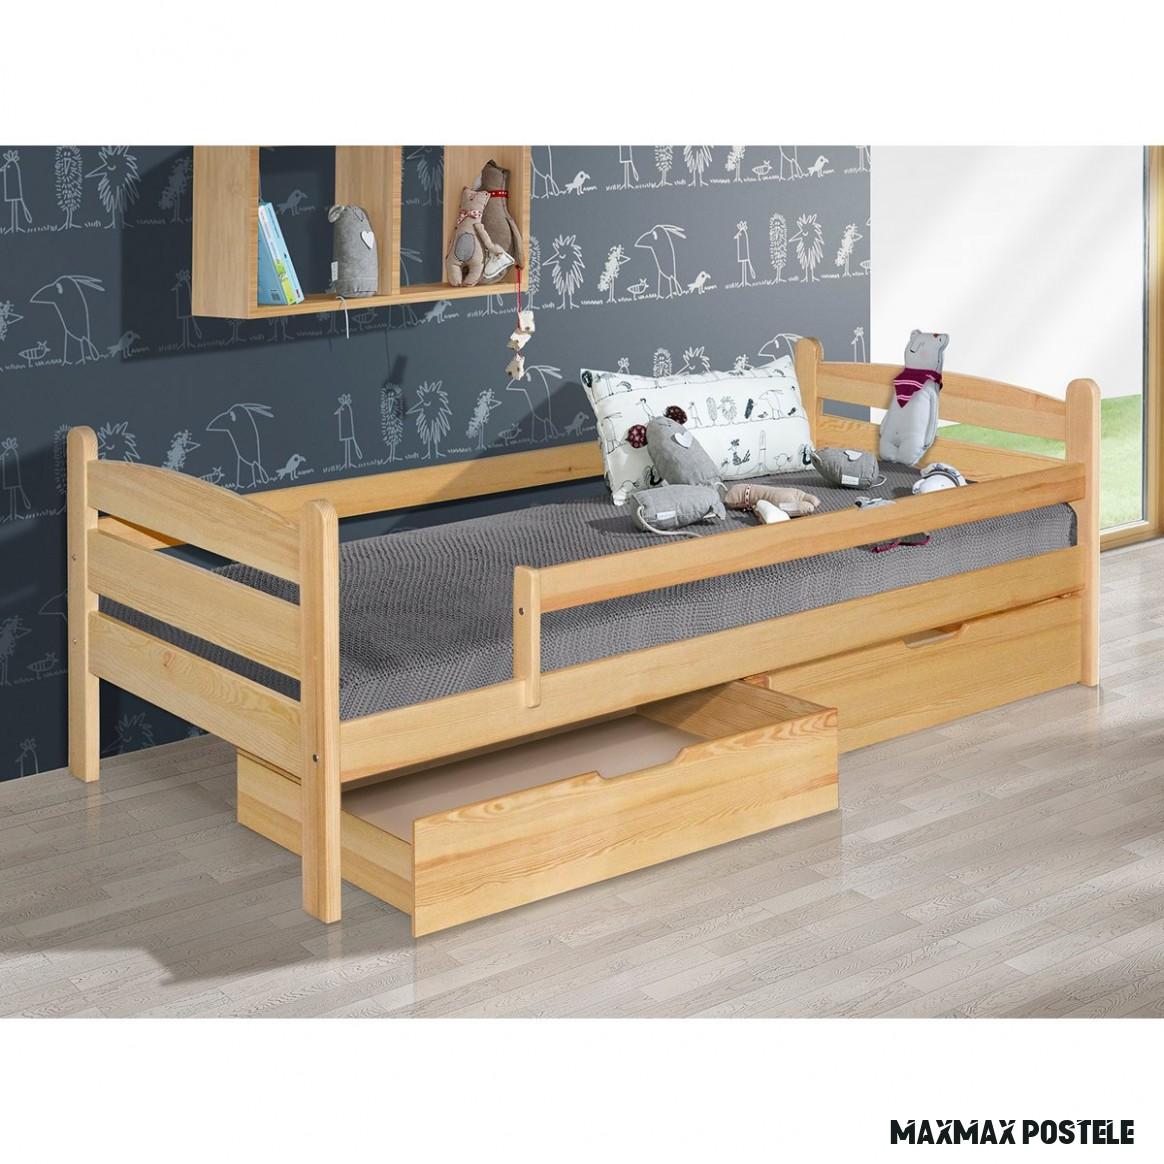 SKLADEM: Dětská postel z MASIVU 18x18cm SE ŠUPLÍKY - MARY